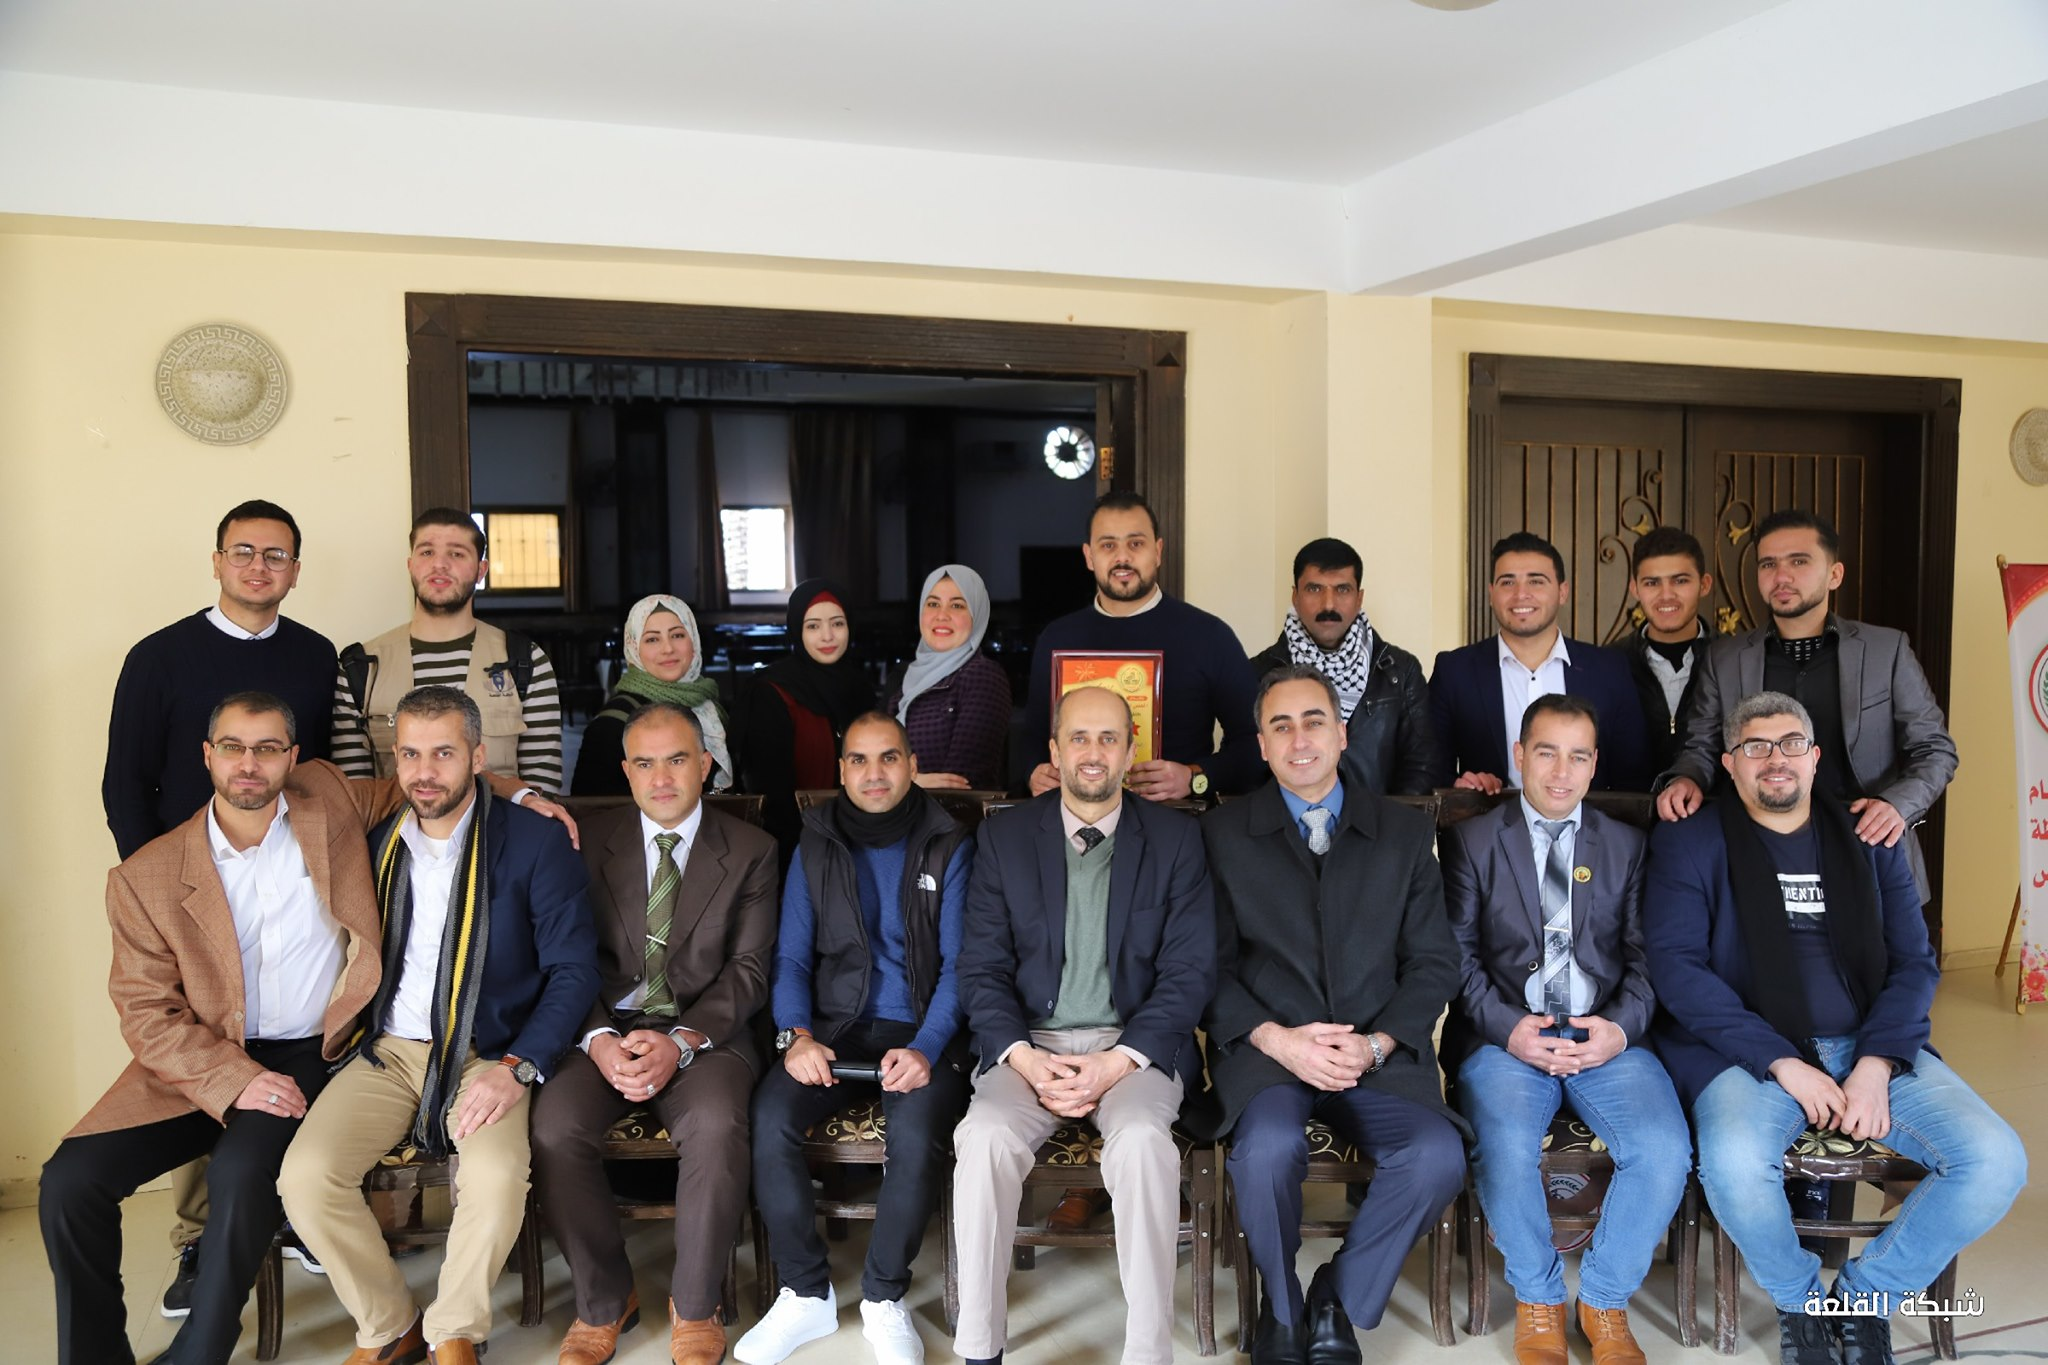 المجلس العام لعائلات محافظة خانيونس يكرم المتميزين بالمحافظة لعام2019